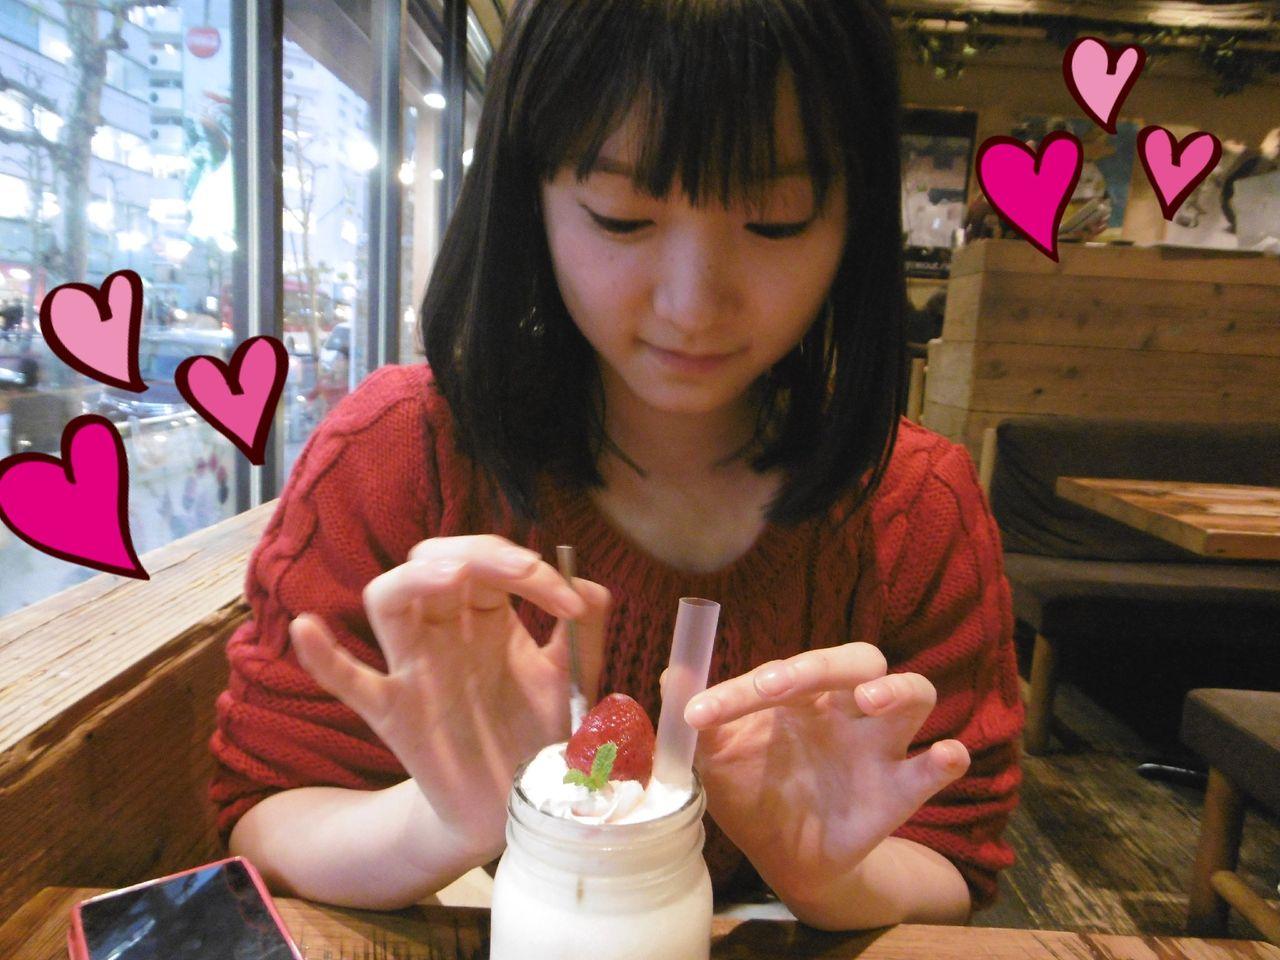 【エンタメ画像】《Juice=Juice》宮本佳林ちゃんとデートしてる気分になれる画像来たぞ!!!!!!!!!!!!